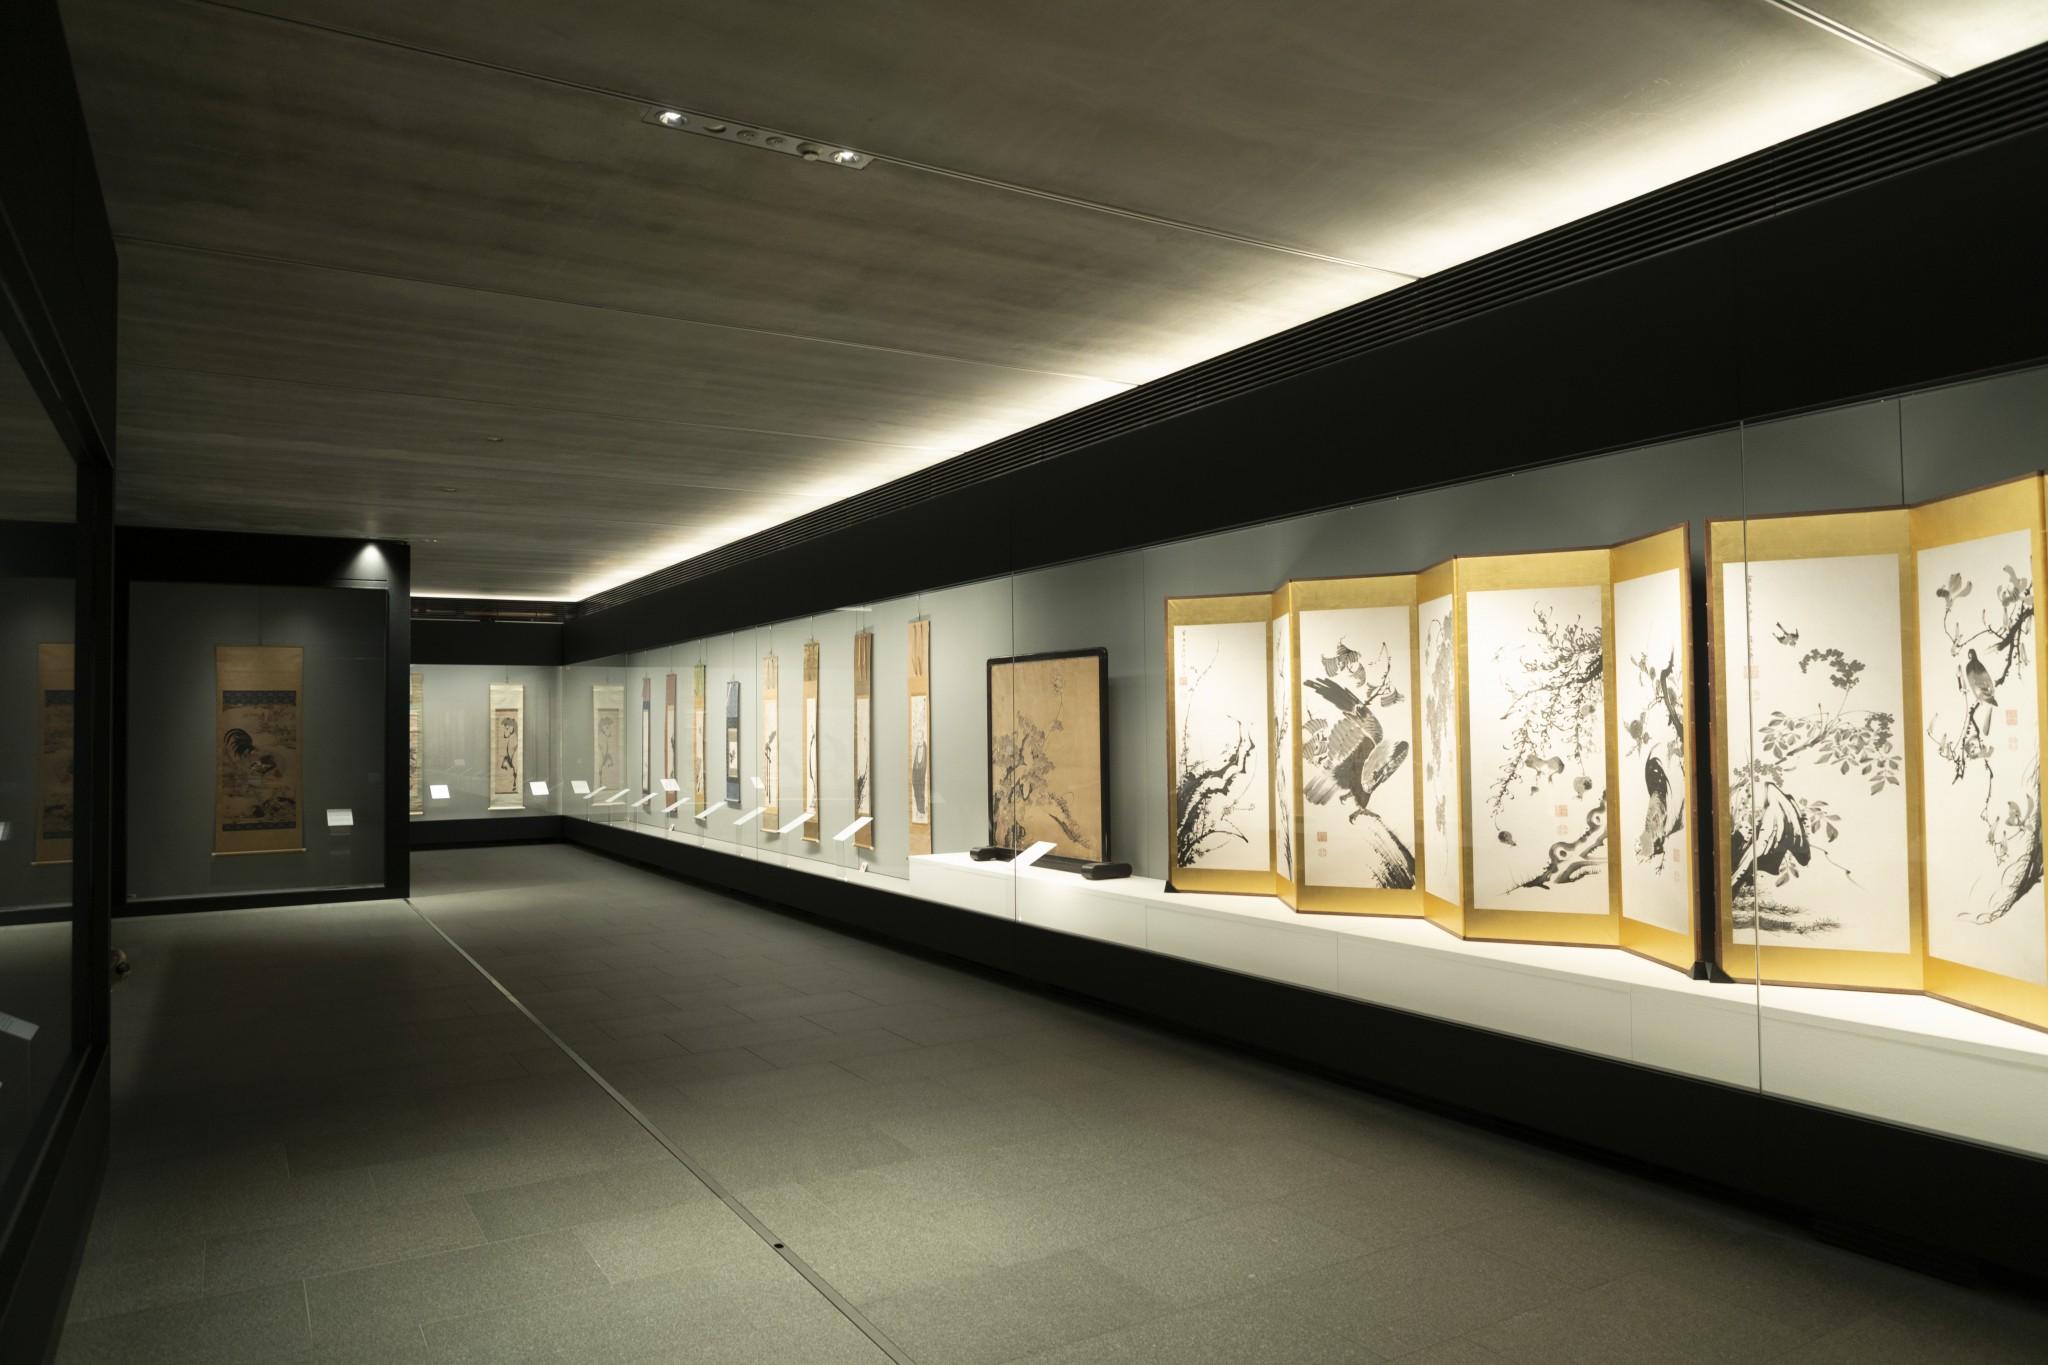 【京都】嵐山に誕生した新名所〈福田美術館〉へ。バリエーション豊富なオリジナルグッズからあの人気ベーカリーも併設!